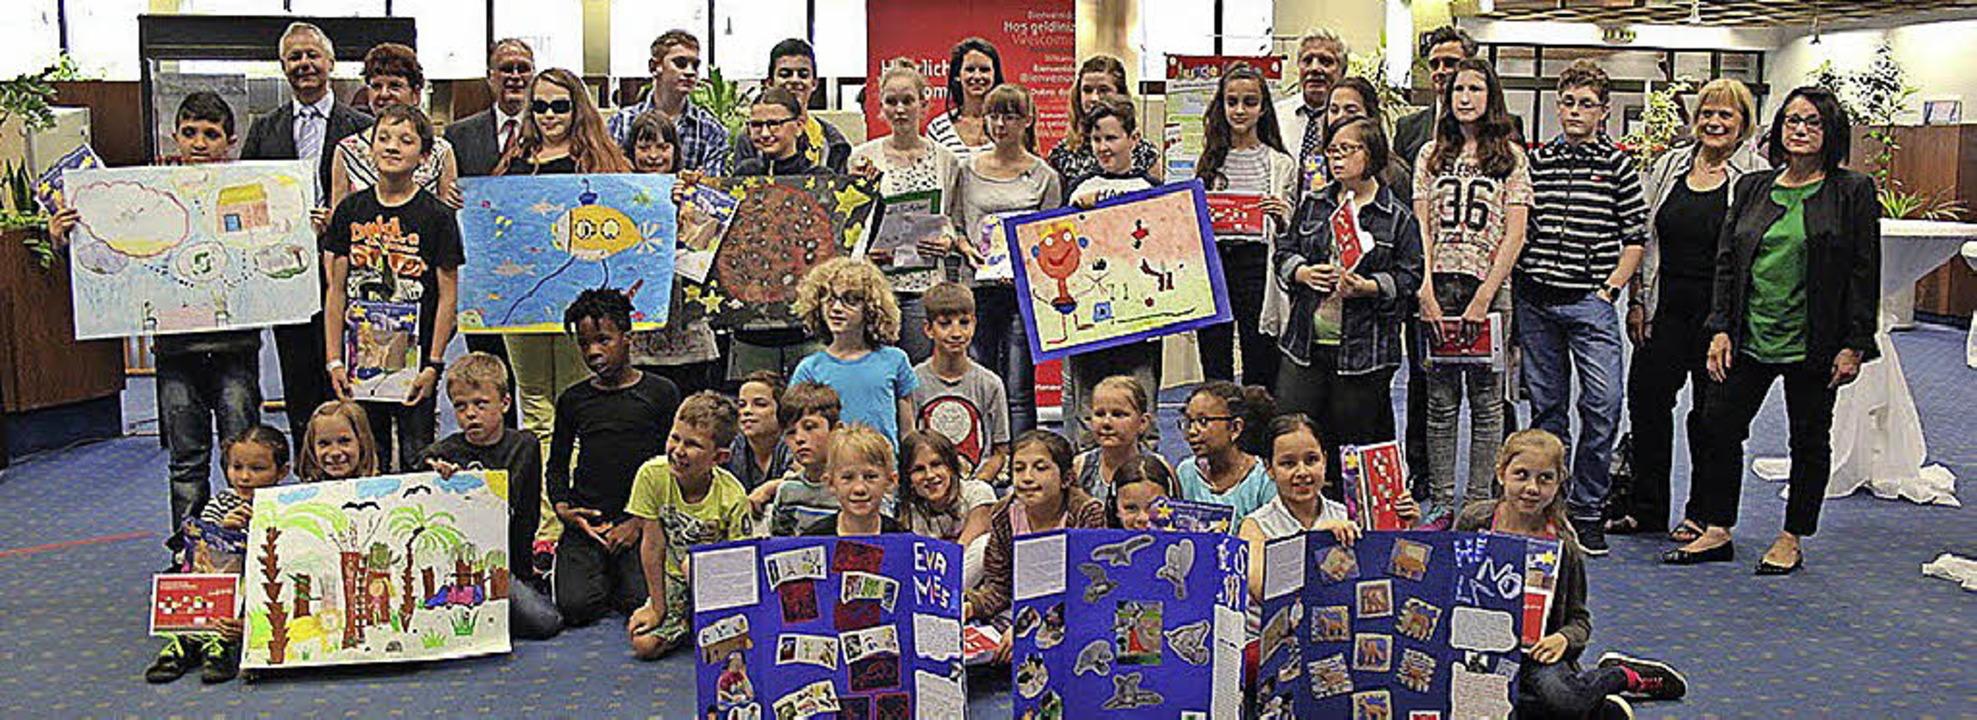 Ausgezeichnet: 63 Schülerinnen und Sch... wurden für ihre Werke ausgezeichnet.   | Foto: Sparkasse